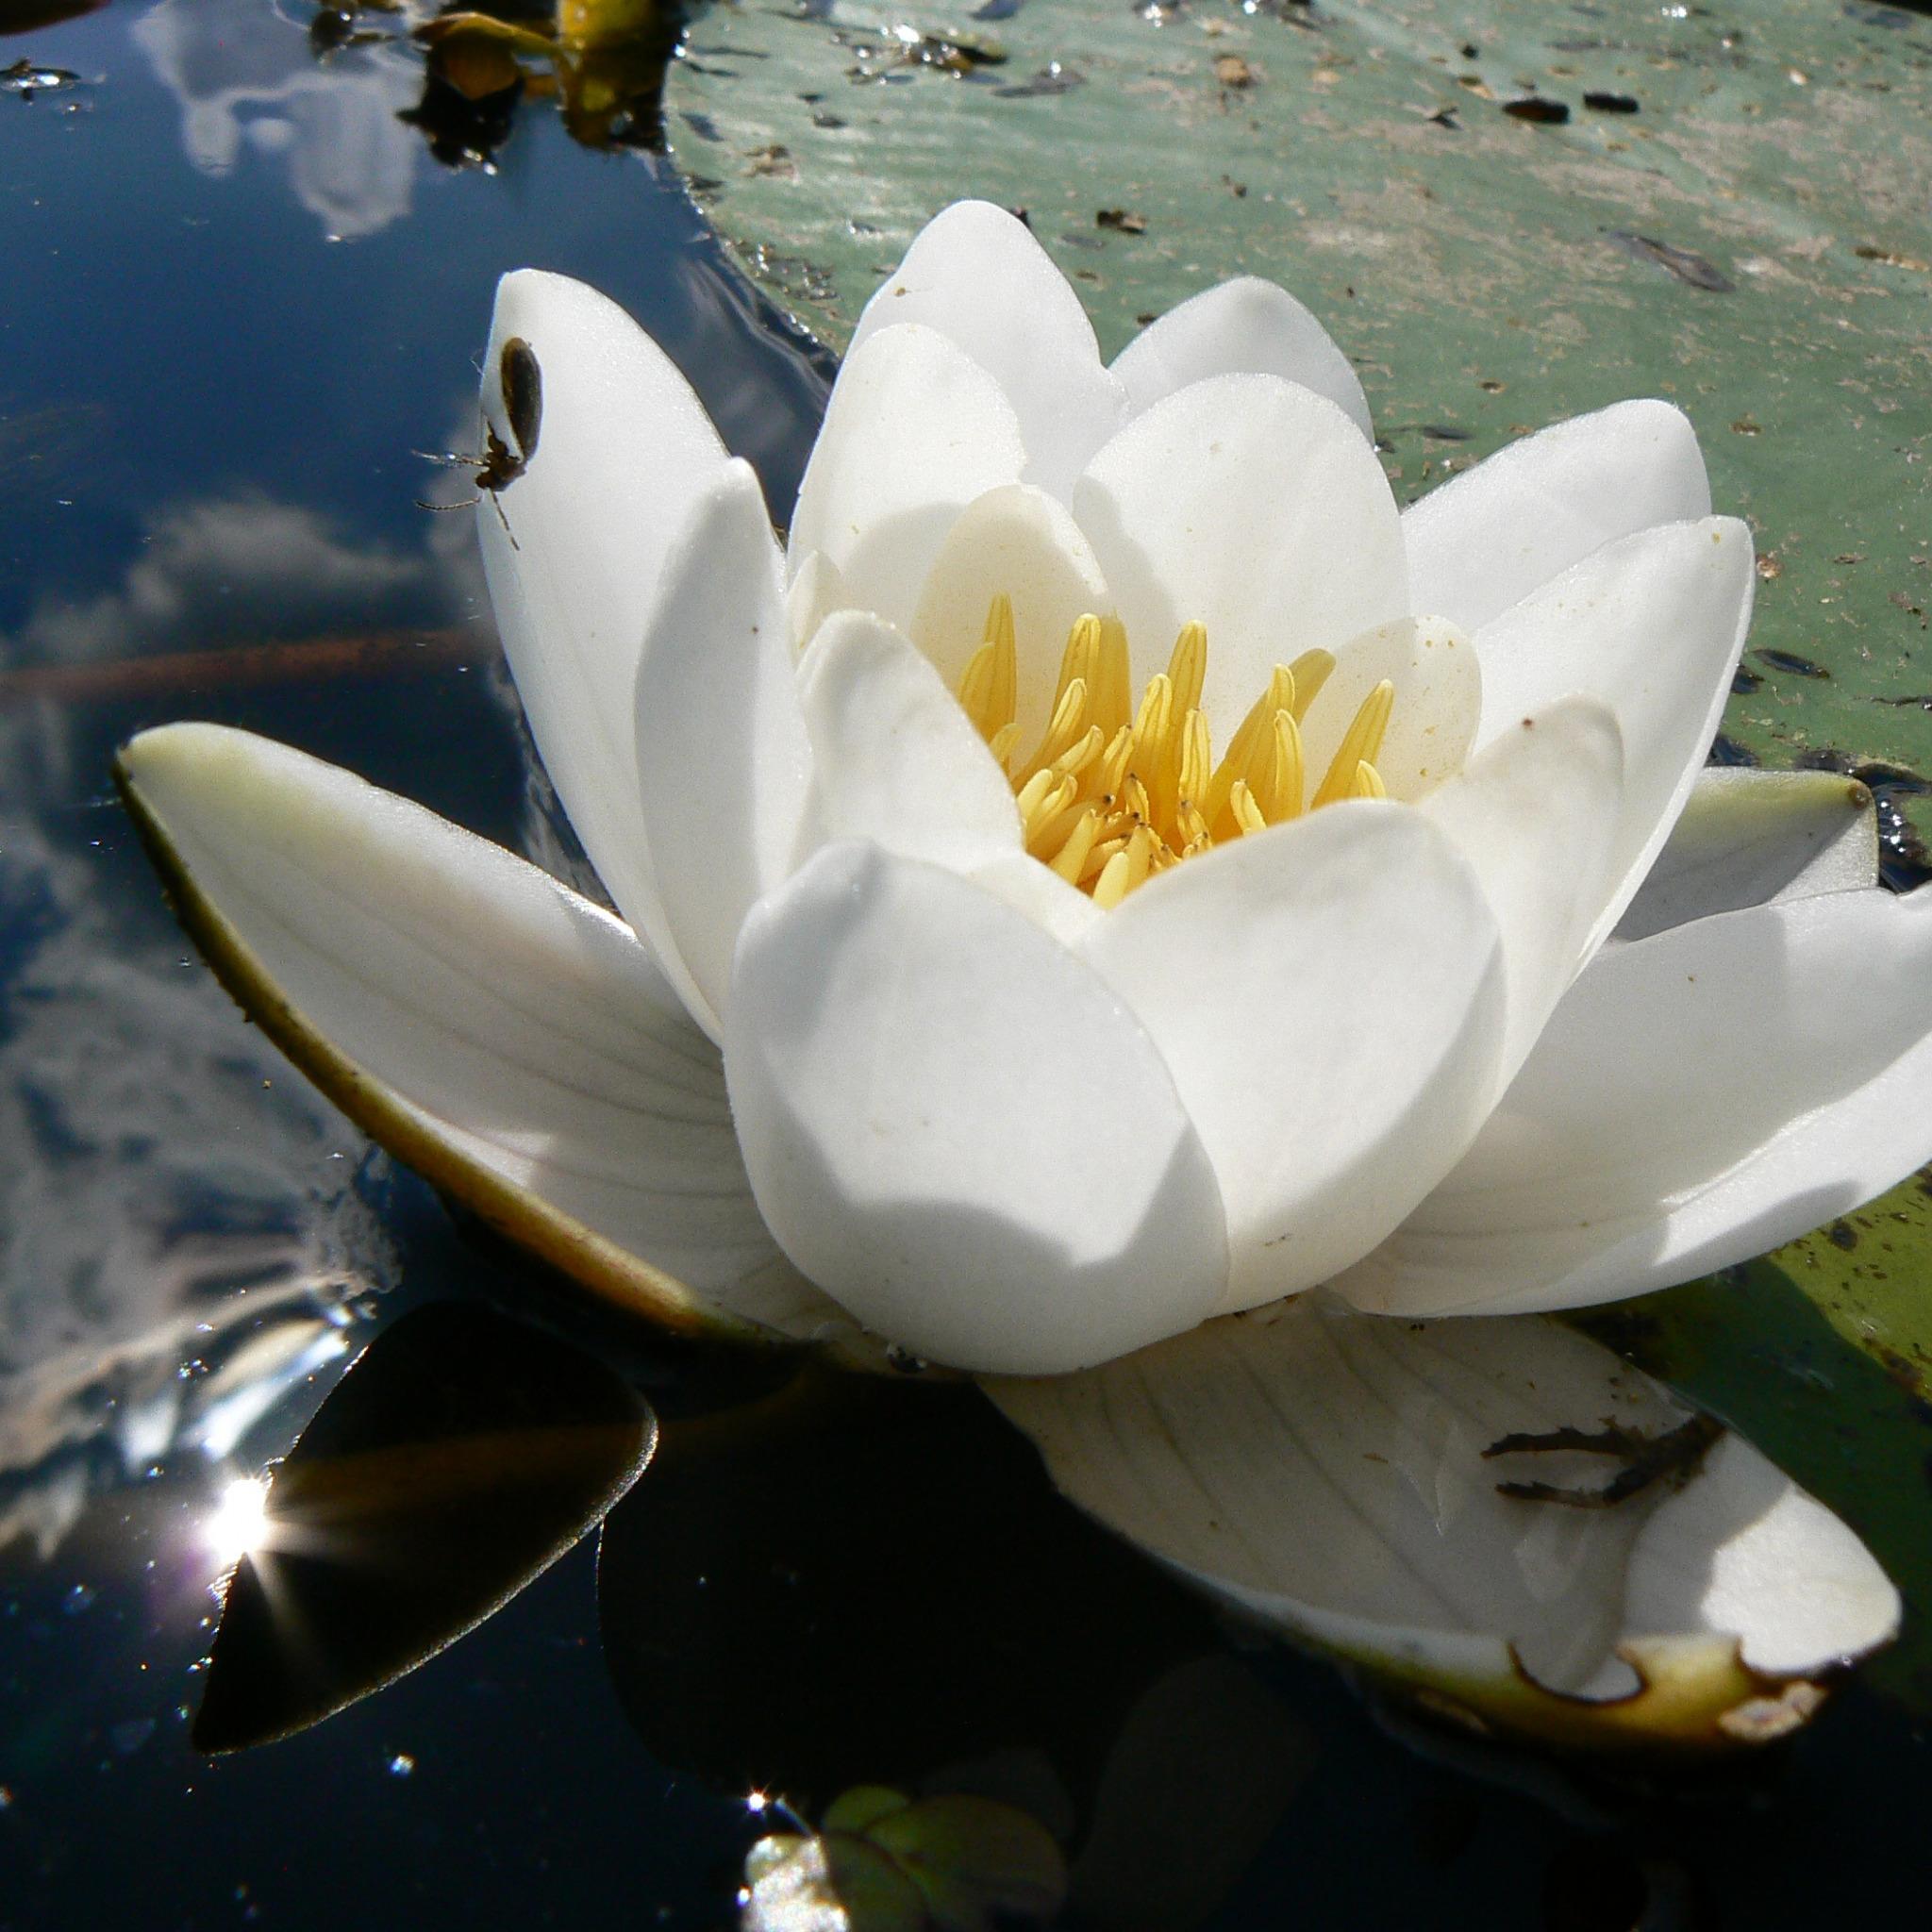 региональное картинки белых лилий на воде вспоминает, что